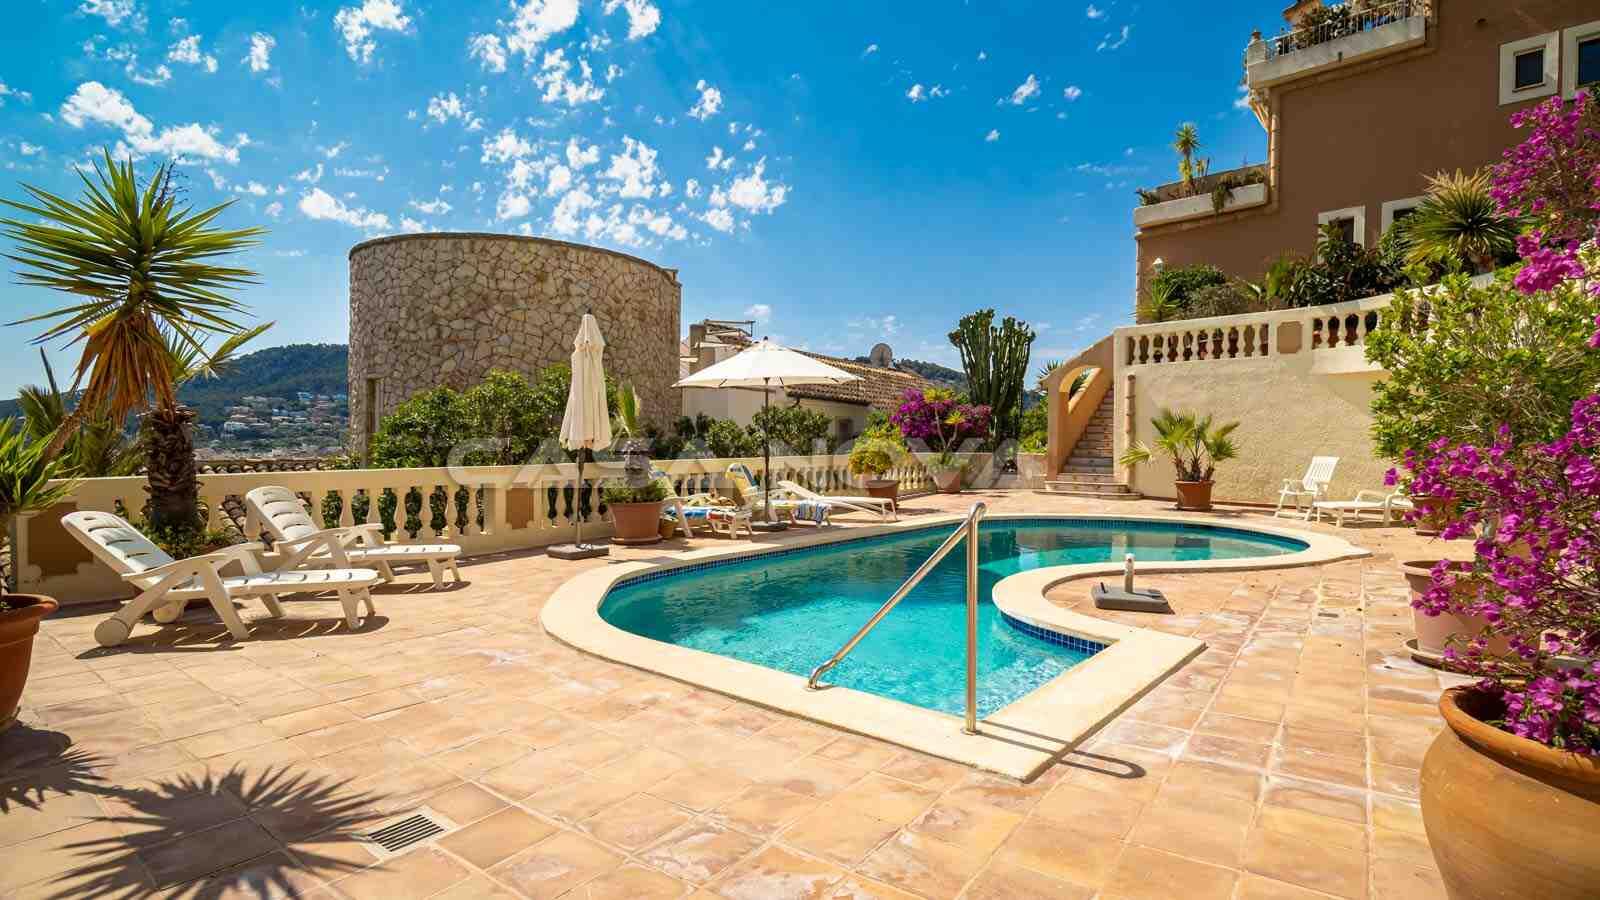 Tolle Außenanlage mit Sonnenterrasse und Pool